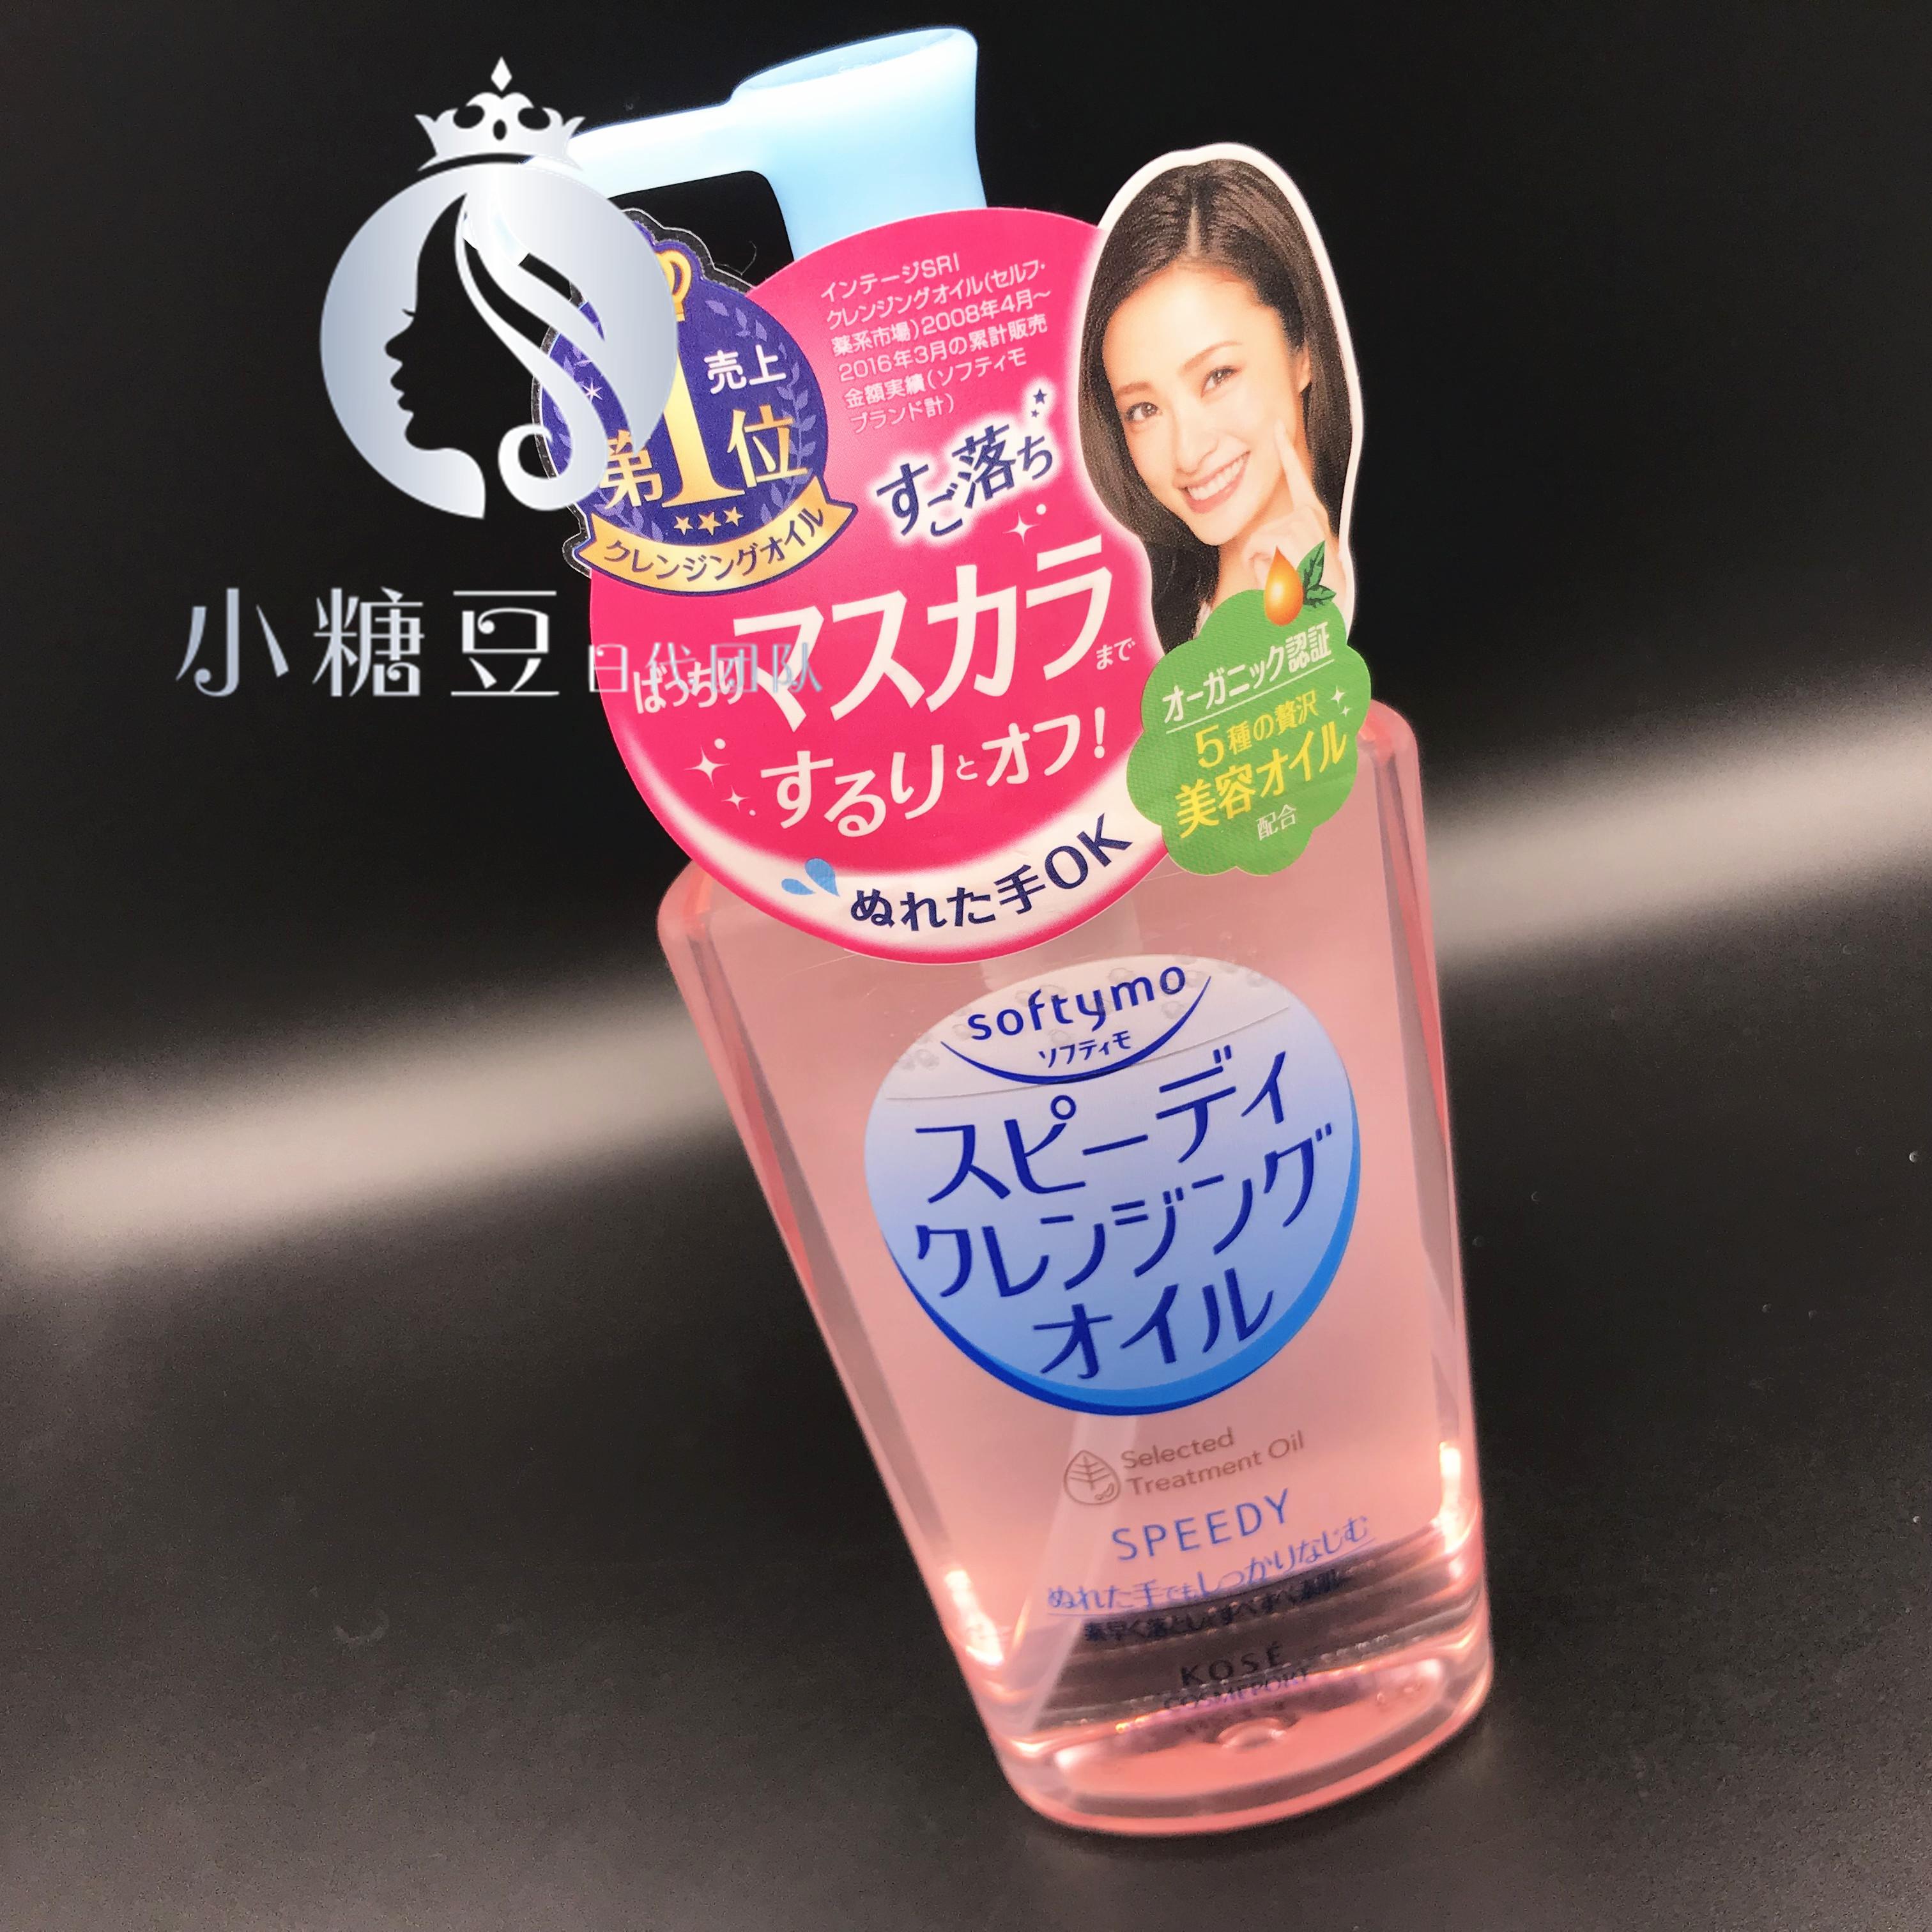 日本KOSE/高丝 Softymo深层清洁去角栓快速乳化卸妆油230ml新版